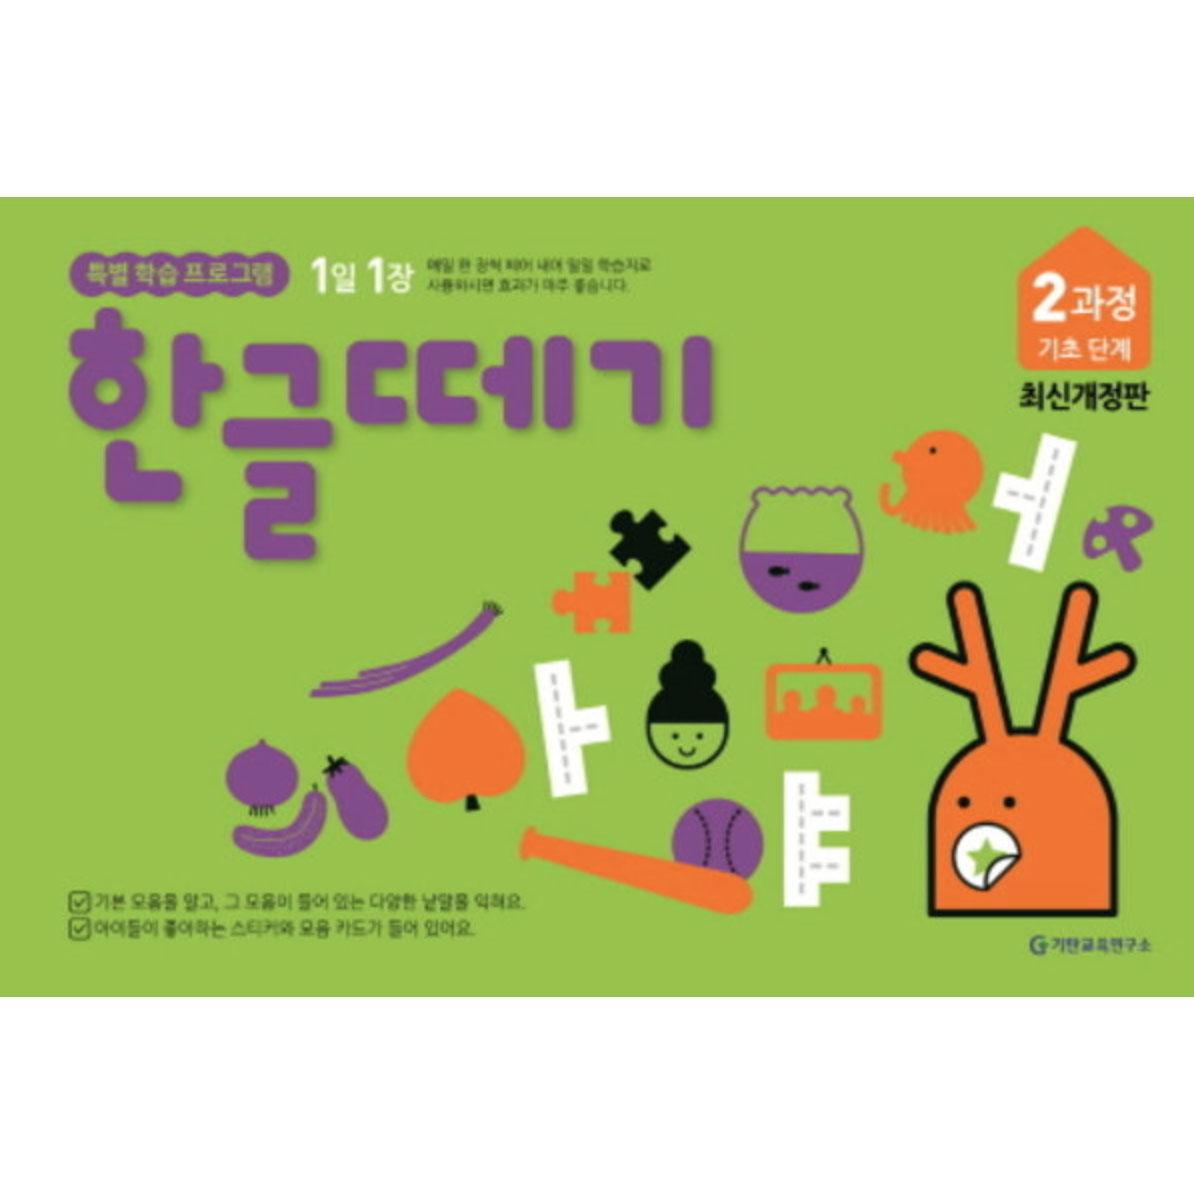 [기탄출판] 1일 1장 한글떼기 – 2과정